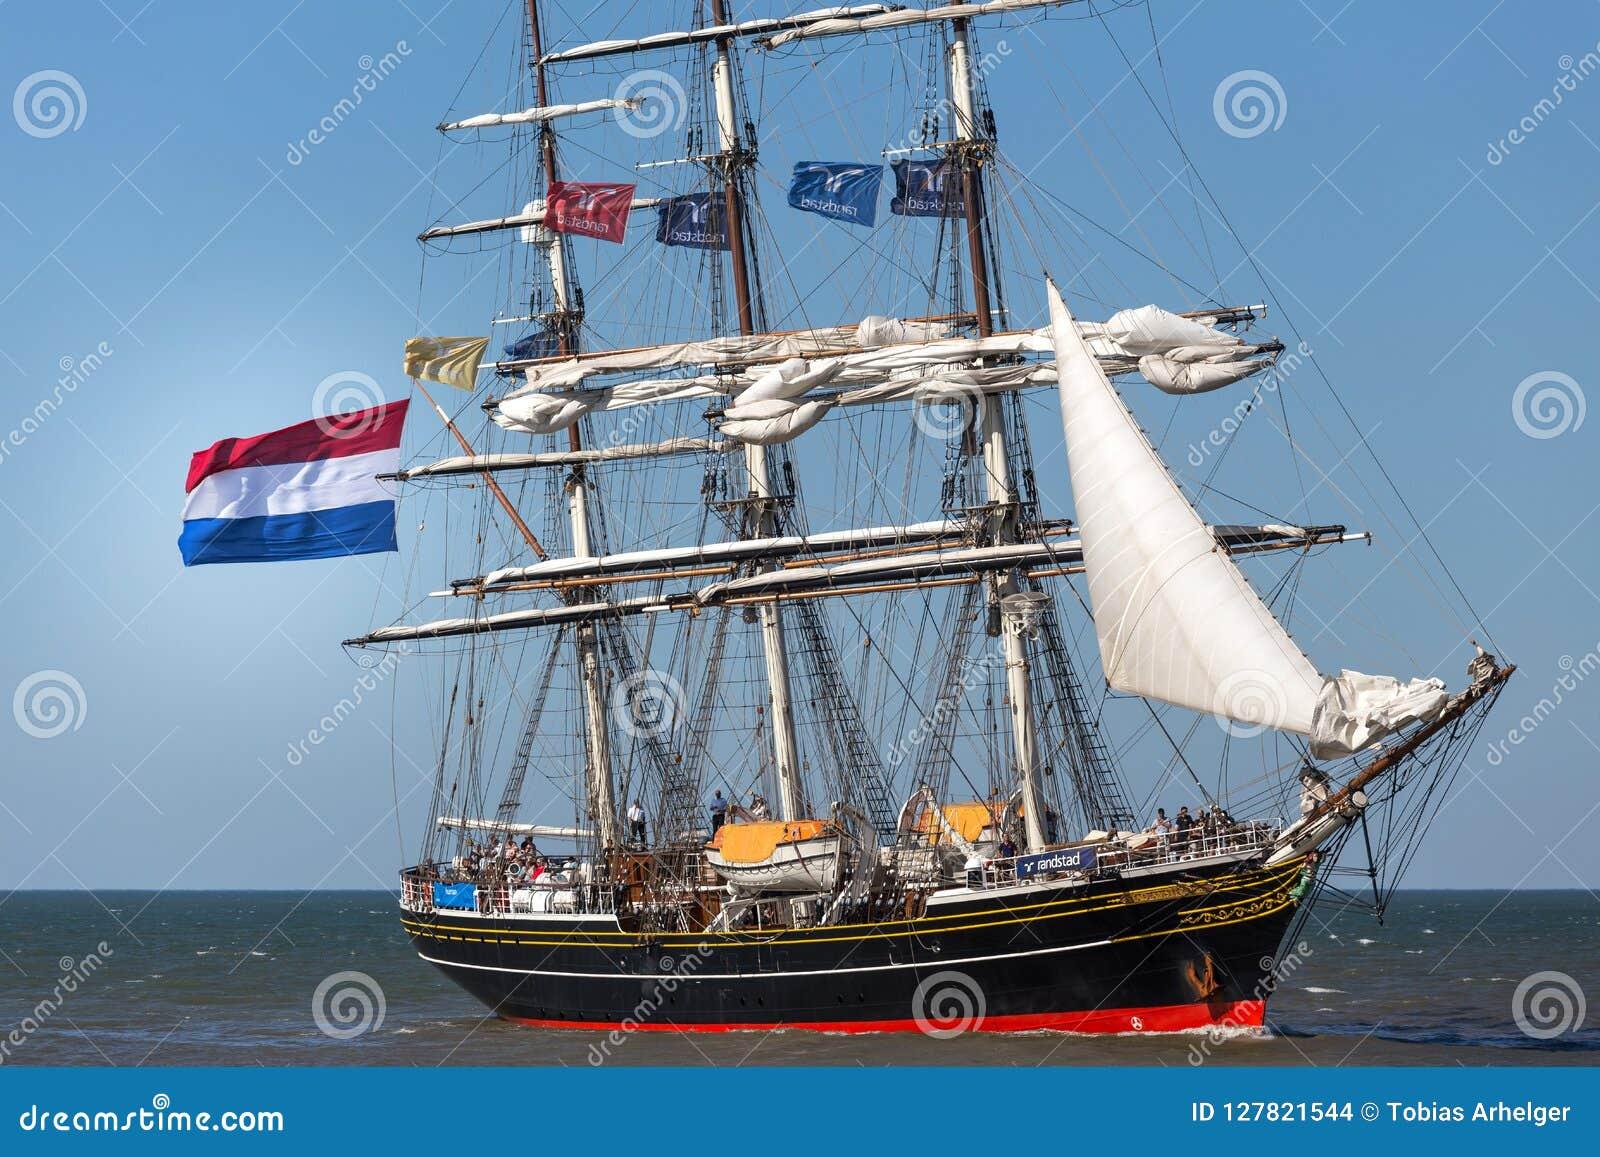 Den Haag, Den Haag/Nederland - 01 07 18: varend schip stad Amsterdam op oceaanden haag Nederland